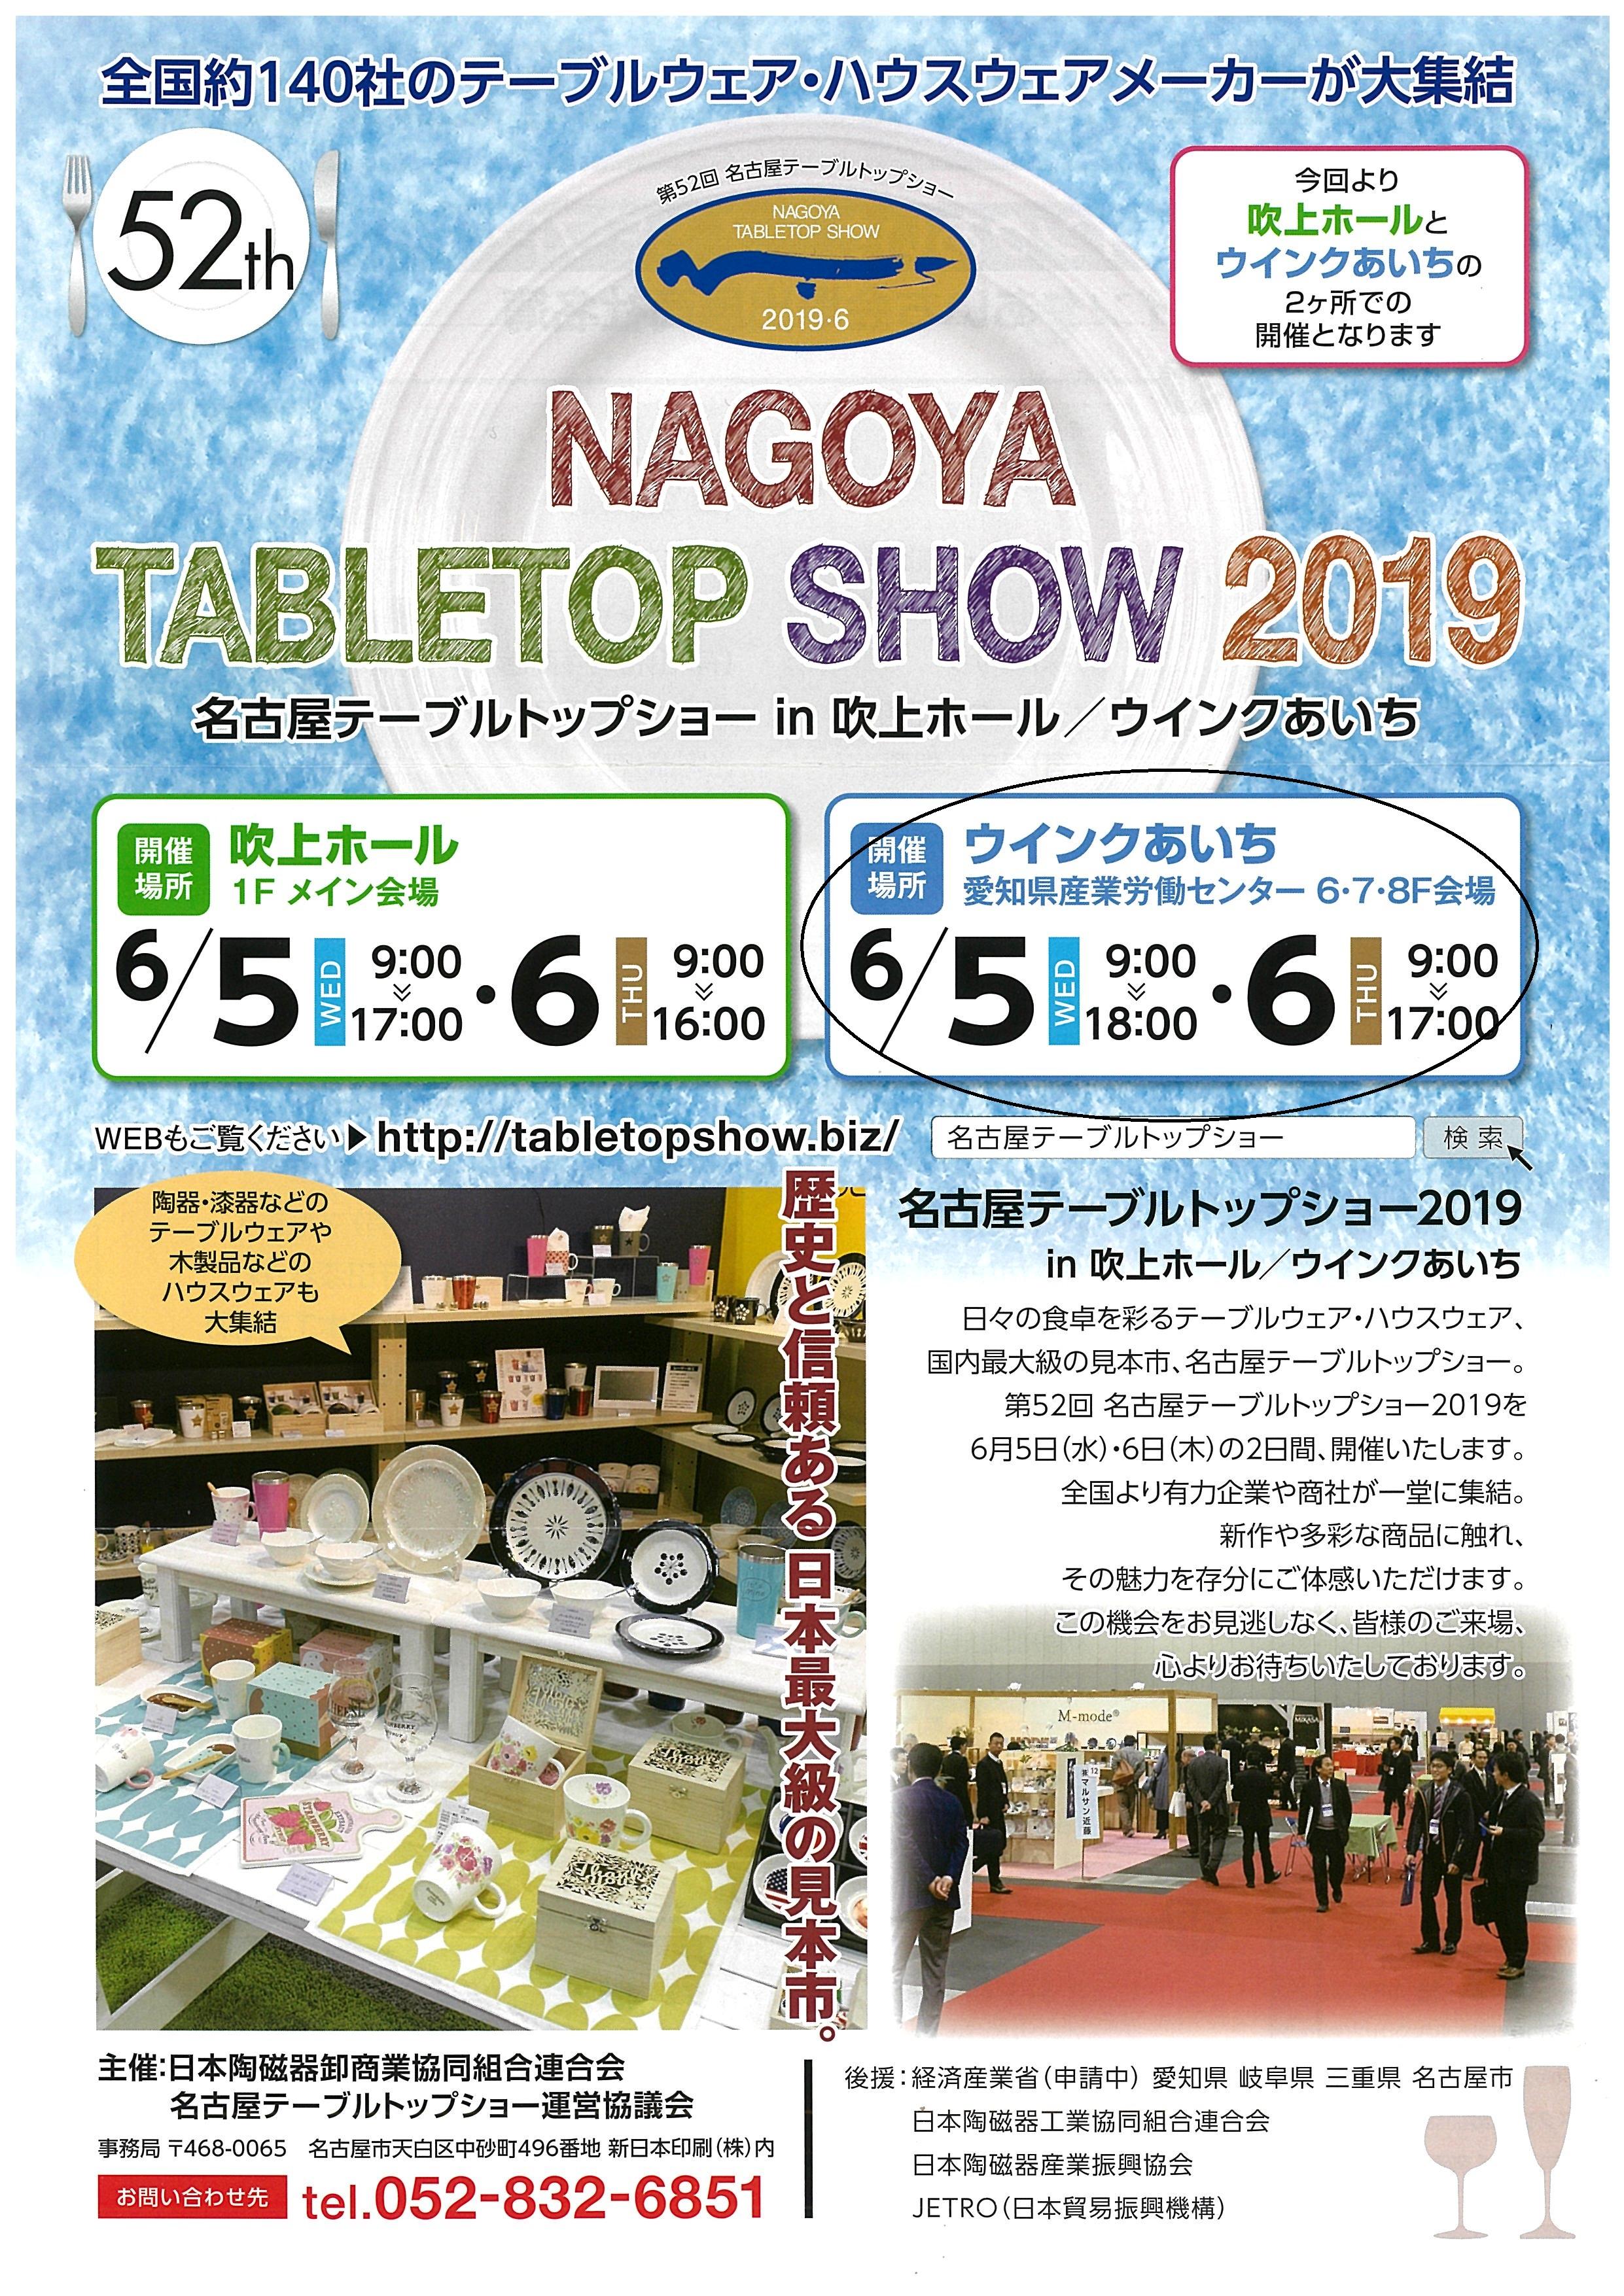 名古屋テーブルトップショーに出展致します!